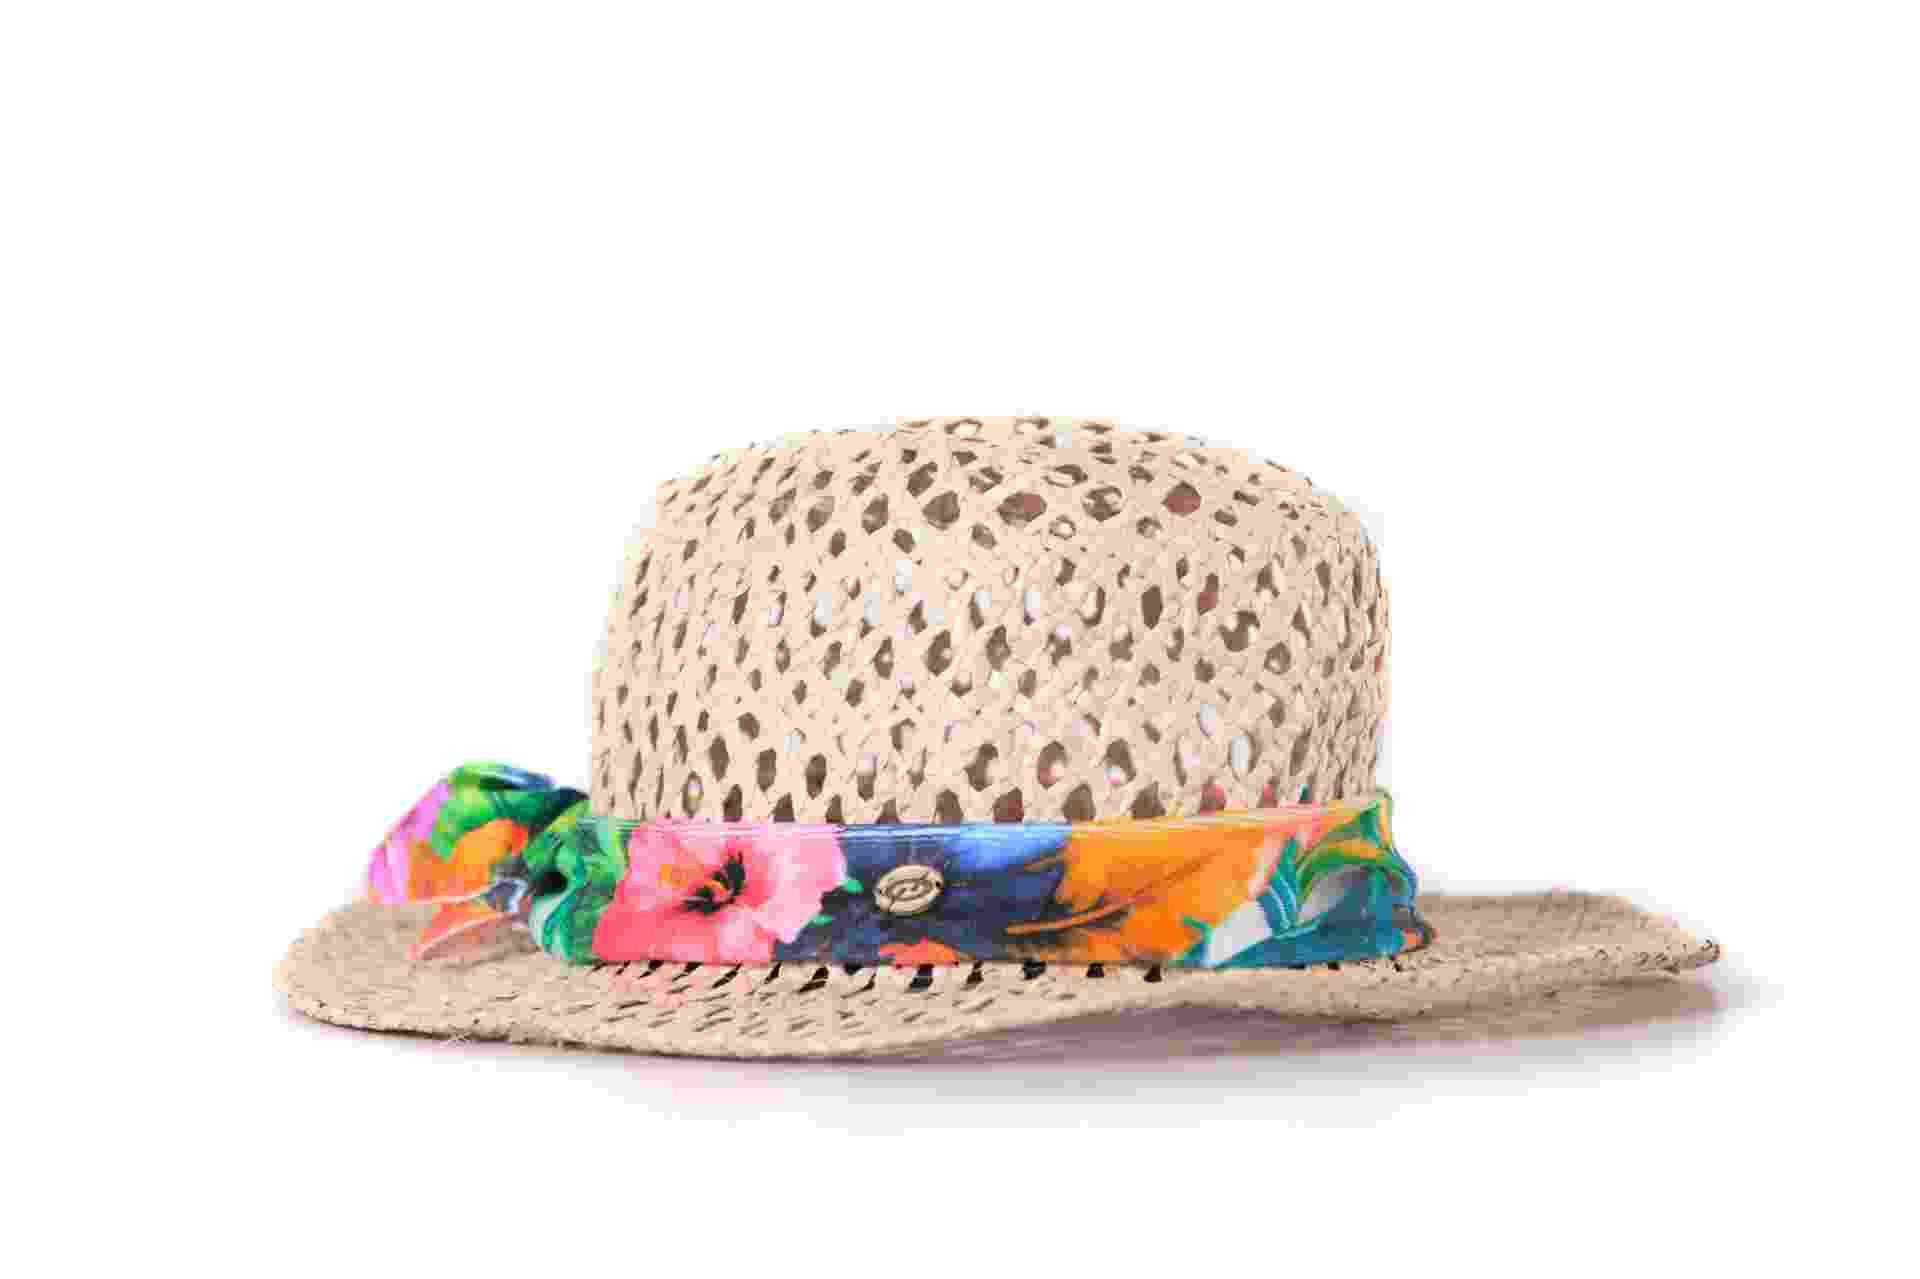 Chapéu de palha com faixa de tecido; R$ 80, da Blue Man (www.blueman.com.br). Preço pesquisado em dezembro de 2013 e sujeito a alterações. - Divulgação